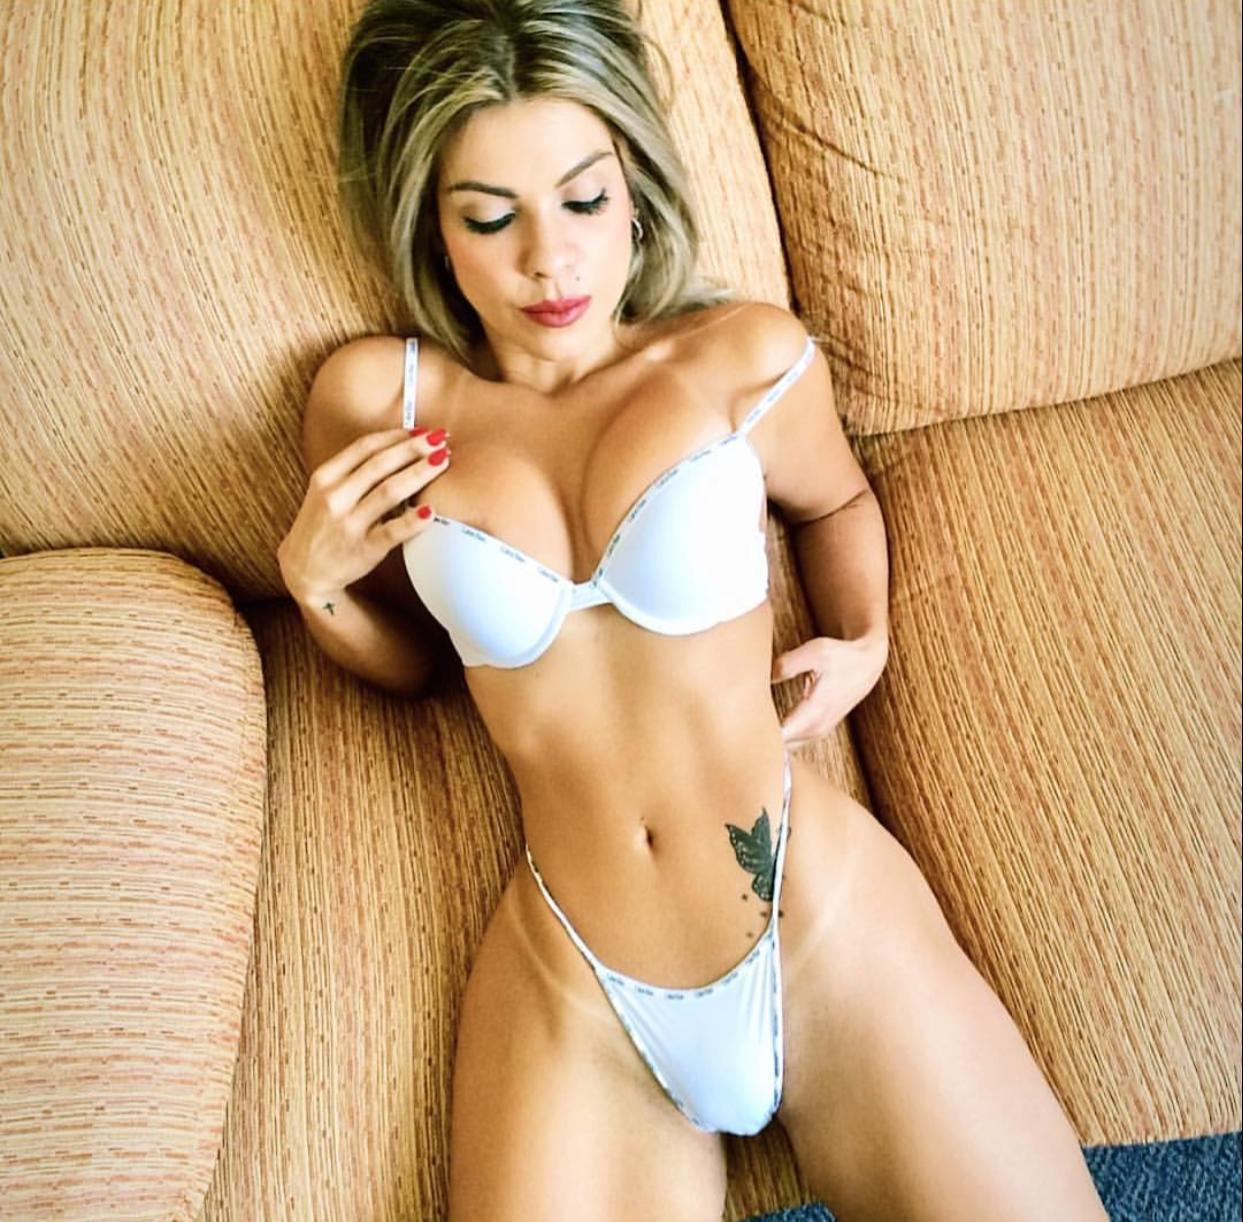 Musa fitness Bruna Corrêa causa polêmica ao postar foto com cintura de apenas 55 cm e nega uso de Photoshop